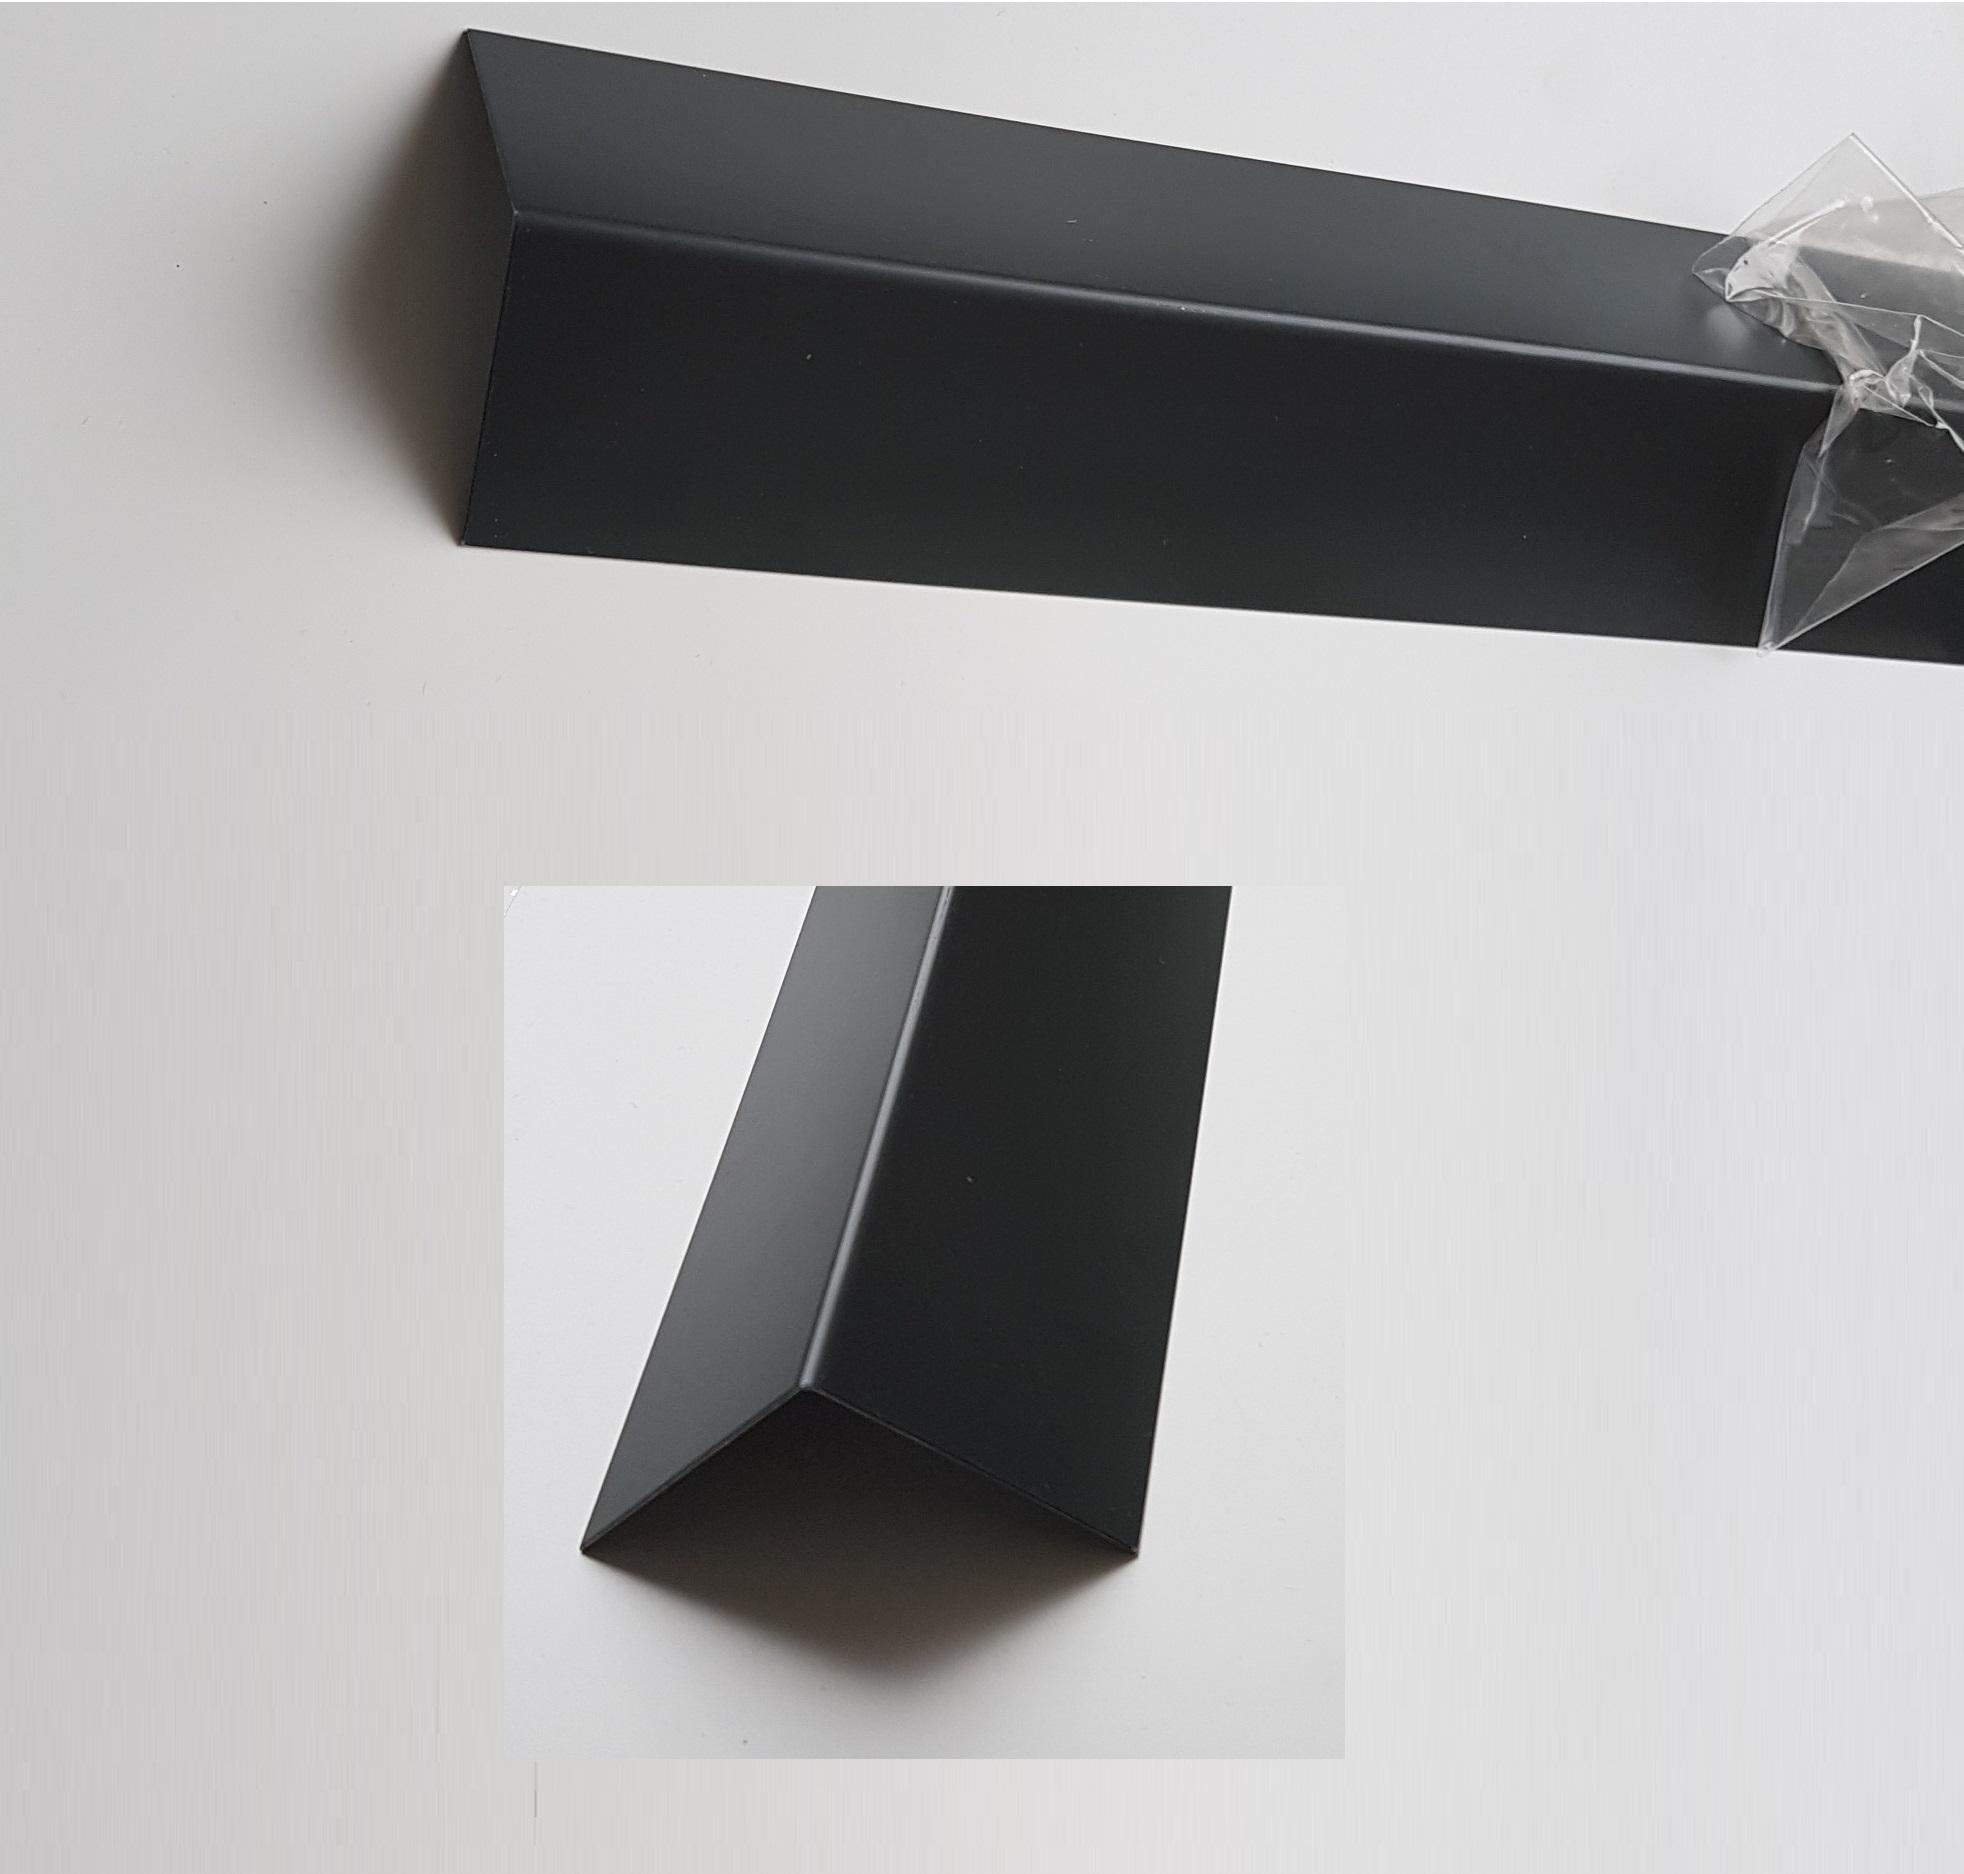 SG Designbleche GmbH - Onlineshop - Winkel Stahl verzinkt 0 ...